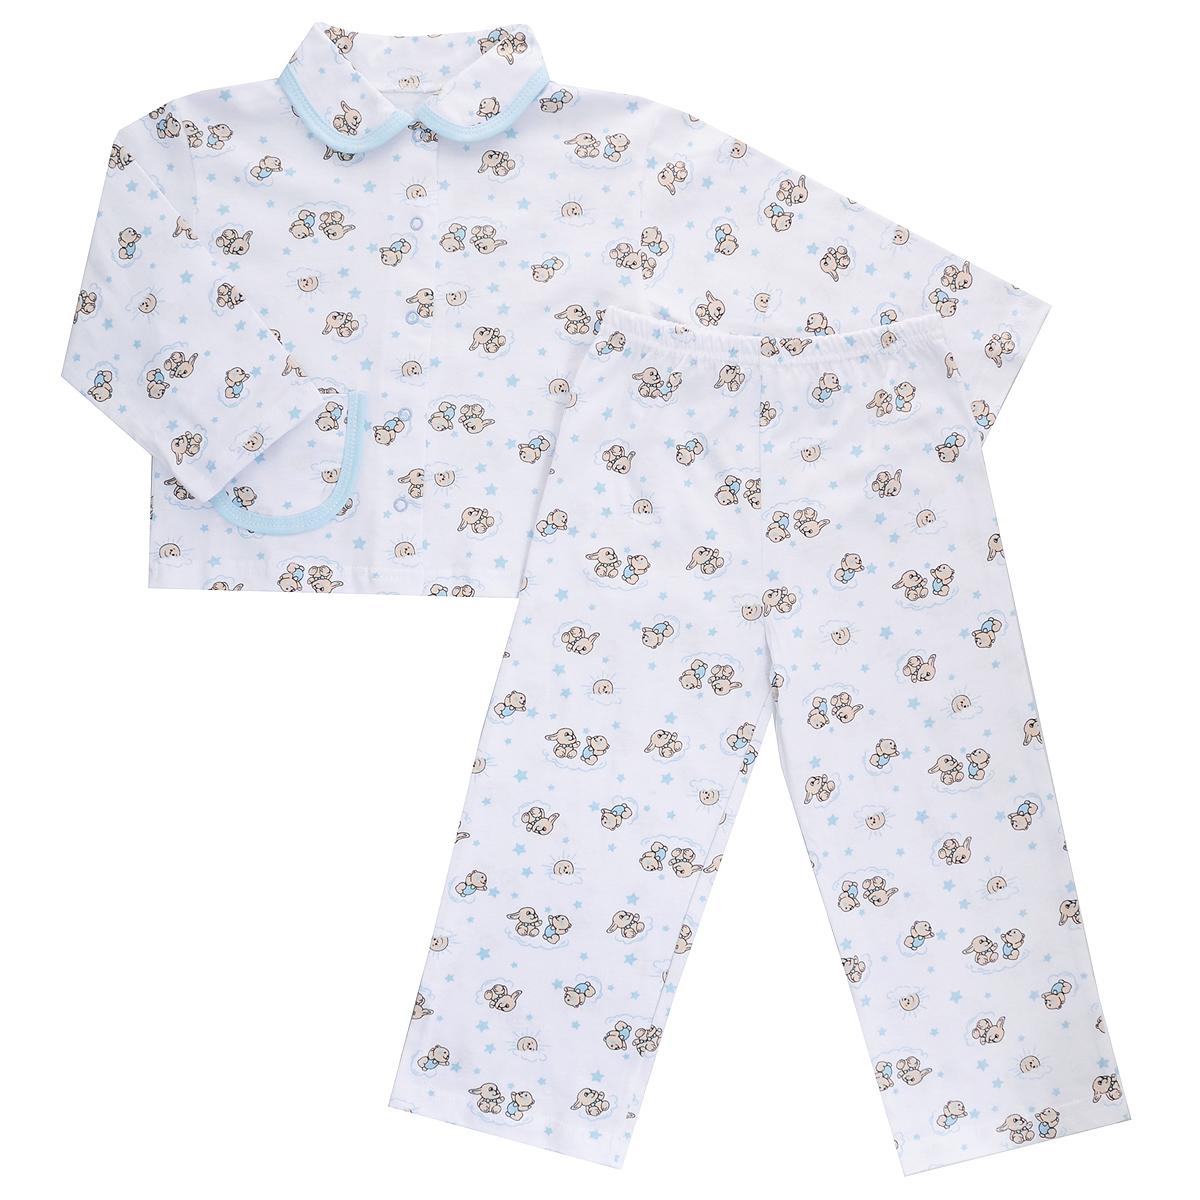 Пижама детская Трон-плюс, цвет: белый, голубой, рисунок зайцы. 5562. Размер 80/86, 1-2 года5562Яркая детская пижама Трон-плюс, состоящая из кофточки и штанишек, идеально подойдет вашему малышу и станет отличным дополнением к детскому гардеробу. Теплая пижама, изготовленная из кулирки - натурального хлопка, необычайно мягкая и легкая, не сковывает движения ребенка, позволяет коже дышать и не раздражает даже самую нежную и чувствительную кожу малыша. Кофта с длинными рукавами имеет отложной воротничок и застегивается на кнопки, также оформлена небольшим накладным карманчиком. Штанишки на удобной резинке не сдавливают животик ребенка и не сползают.В такой пижаме ваш ребенок будет чувствовать себя комфортно и уютно во время сна.